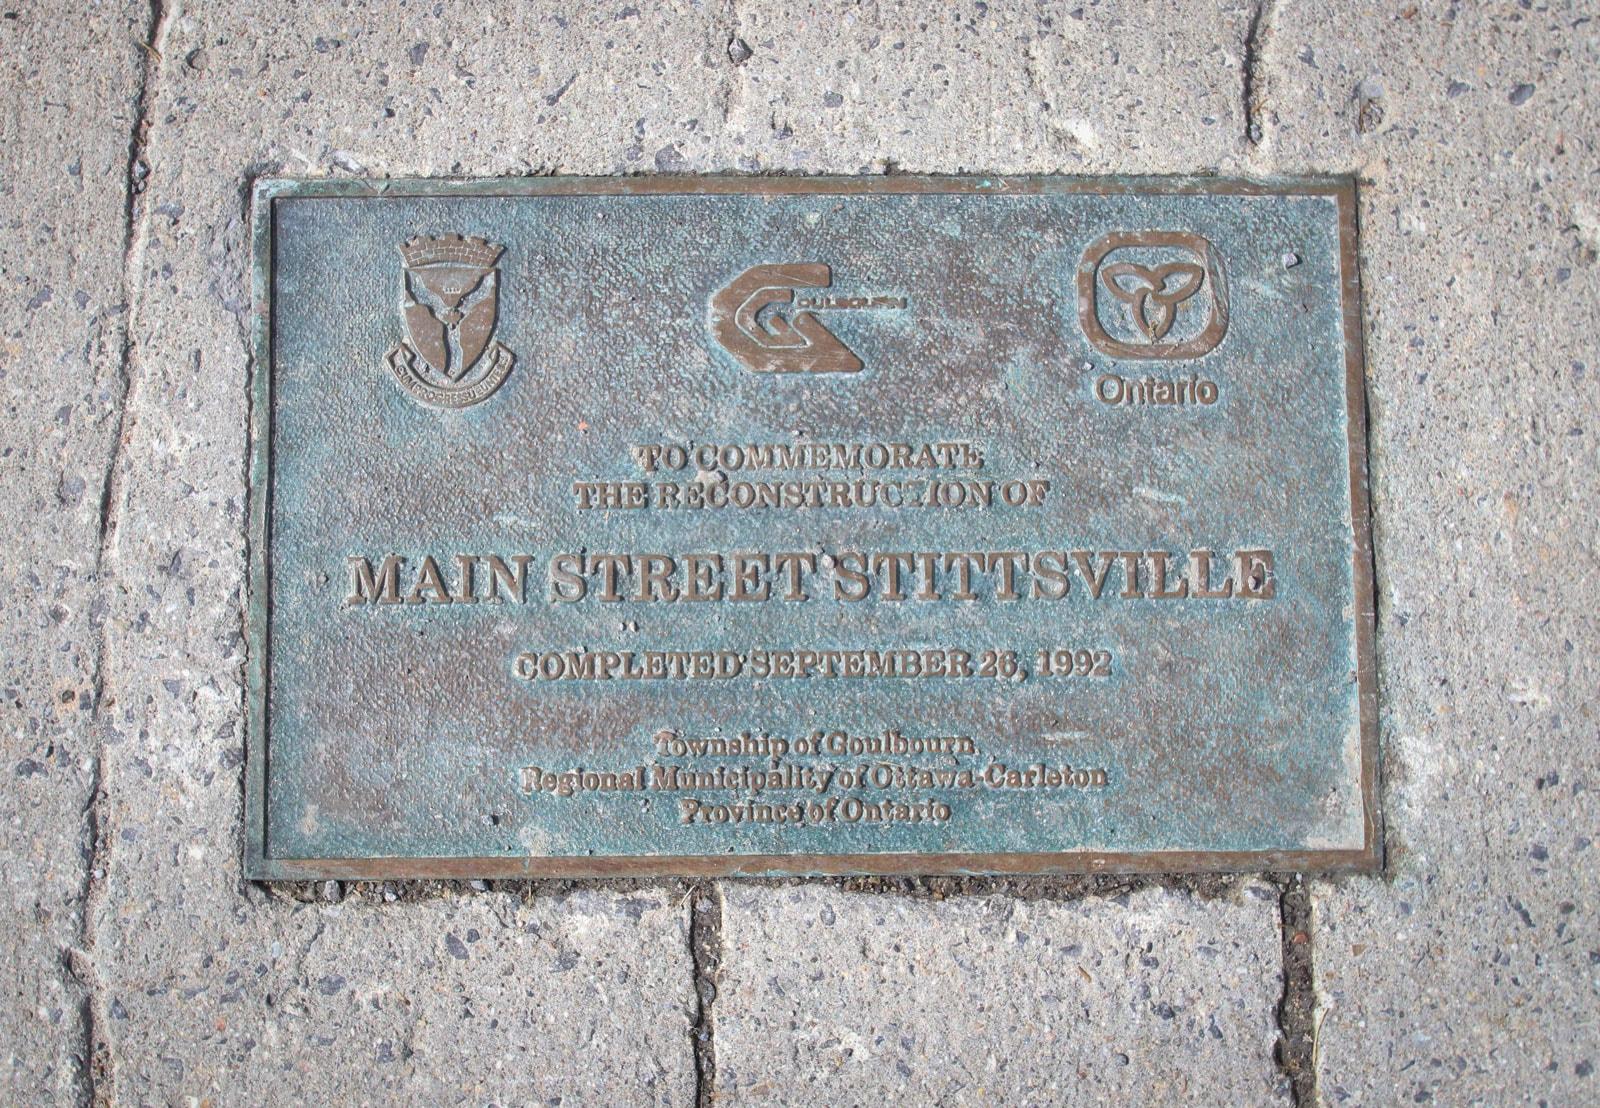 Stittsville Main Street marker